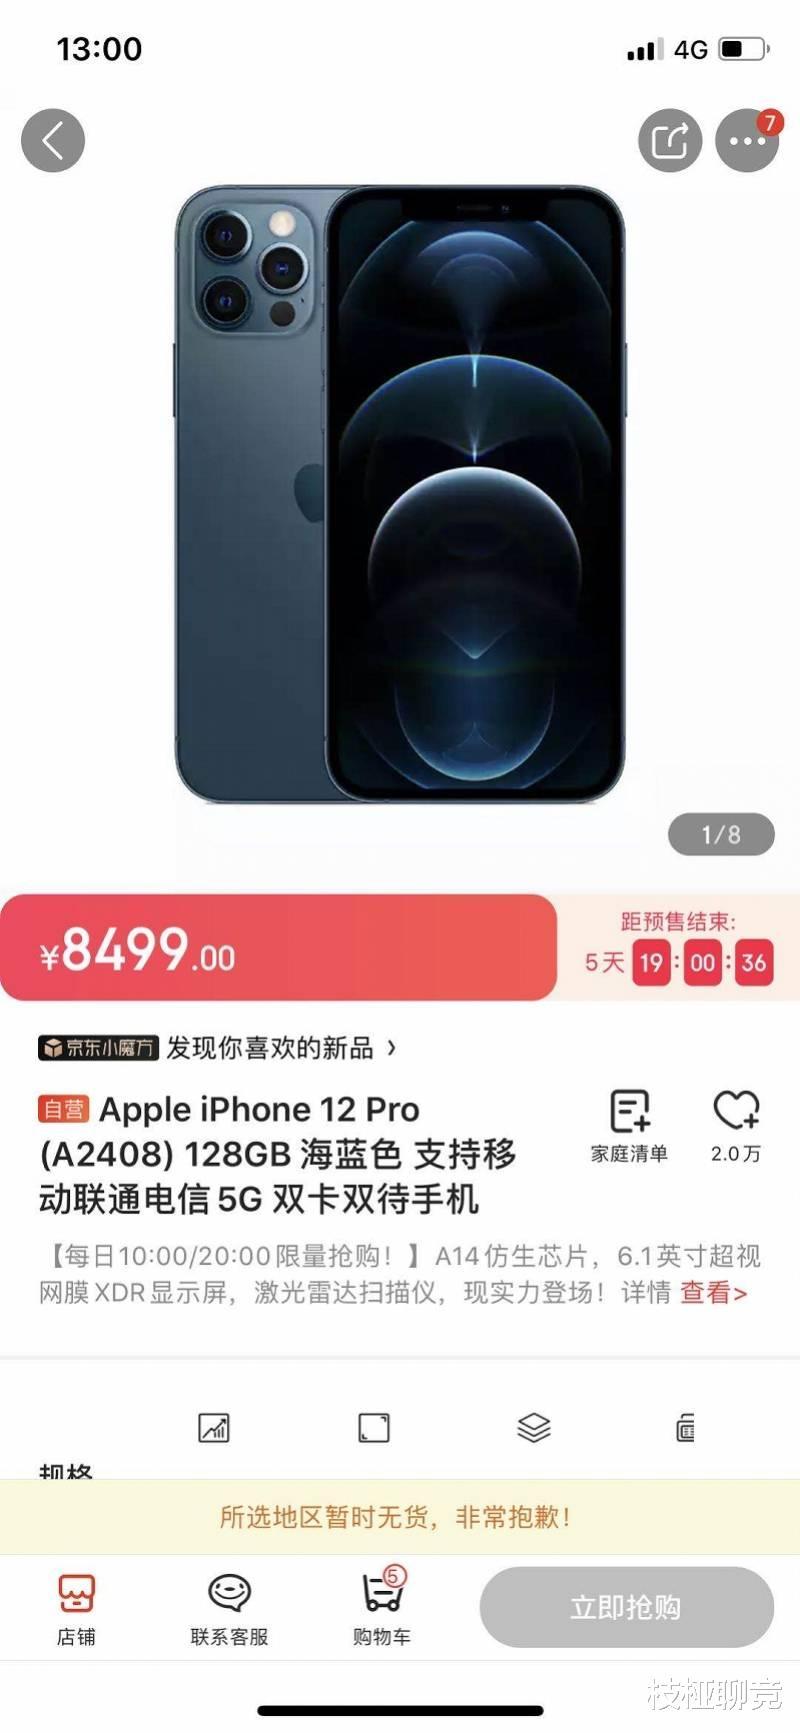 iPhone12預售火爆蘋果官網被擠崩, 電商首批機型售罄-圖1